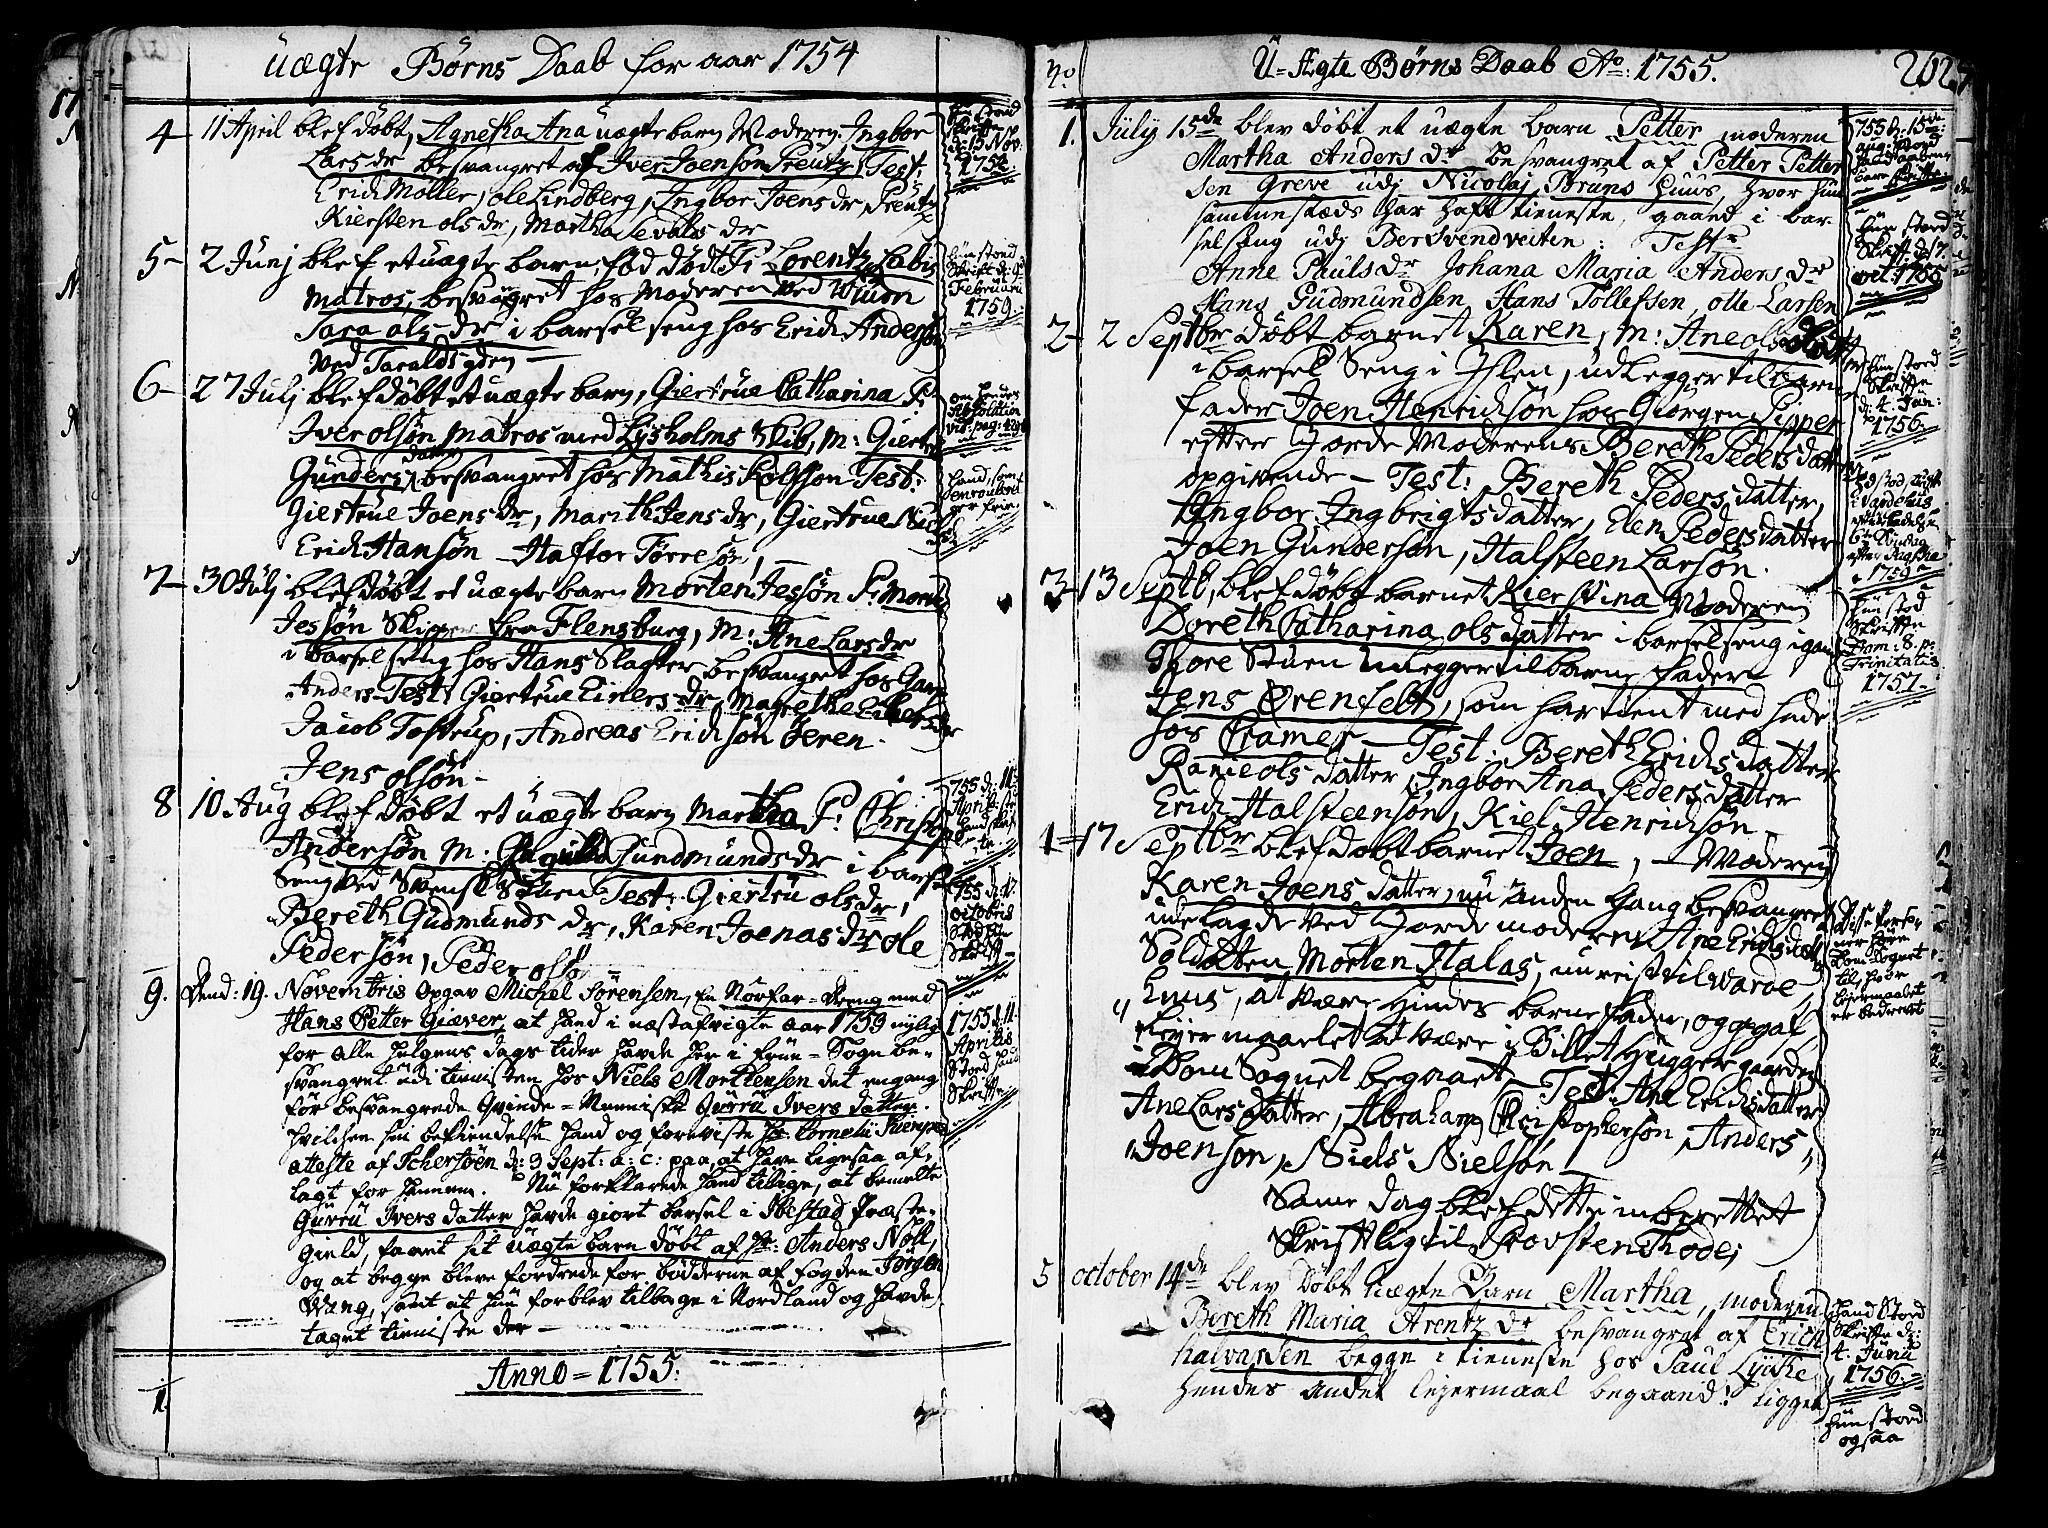 SAT, Ministerialprotokoller, klokkerbøker og fødselsregistre - Sør-Trøndelag, 602/L0103: Ministerialbok nr. 602A01, 1732-1774, s. 262